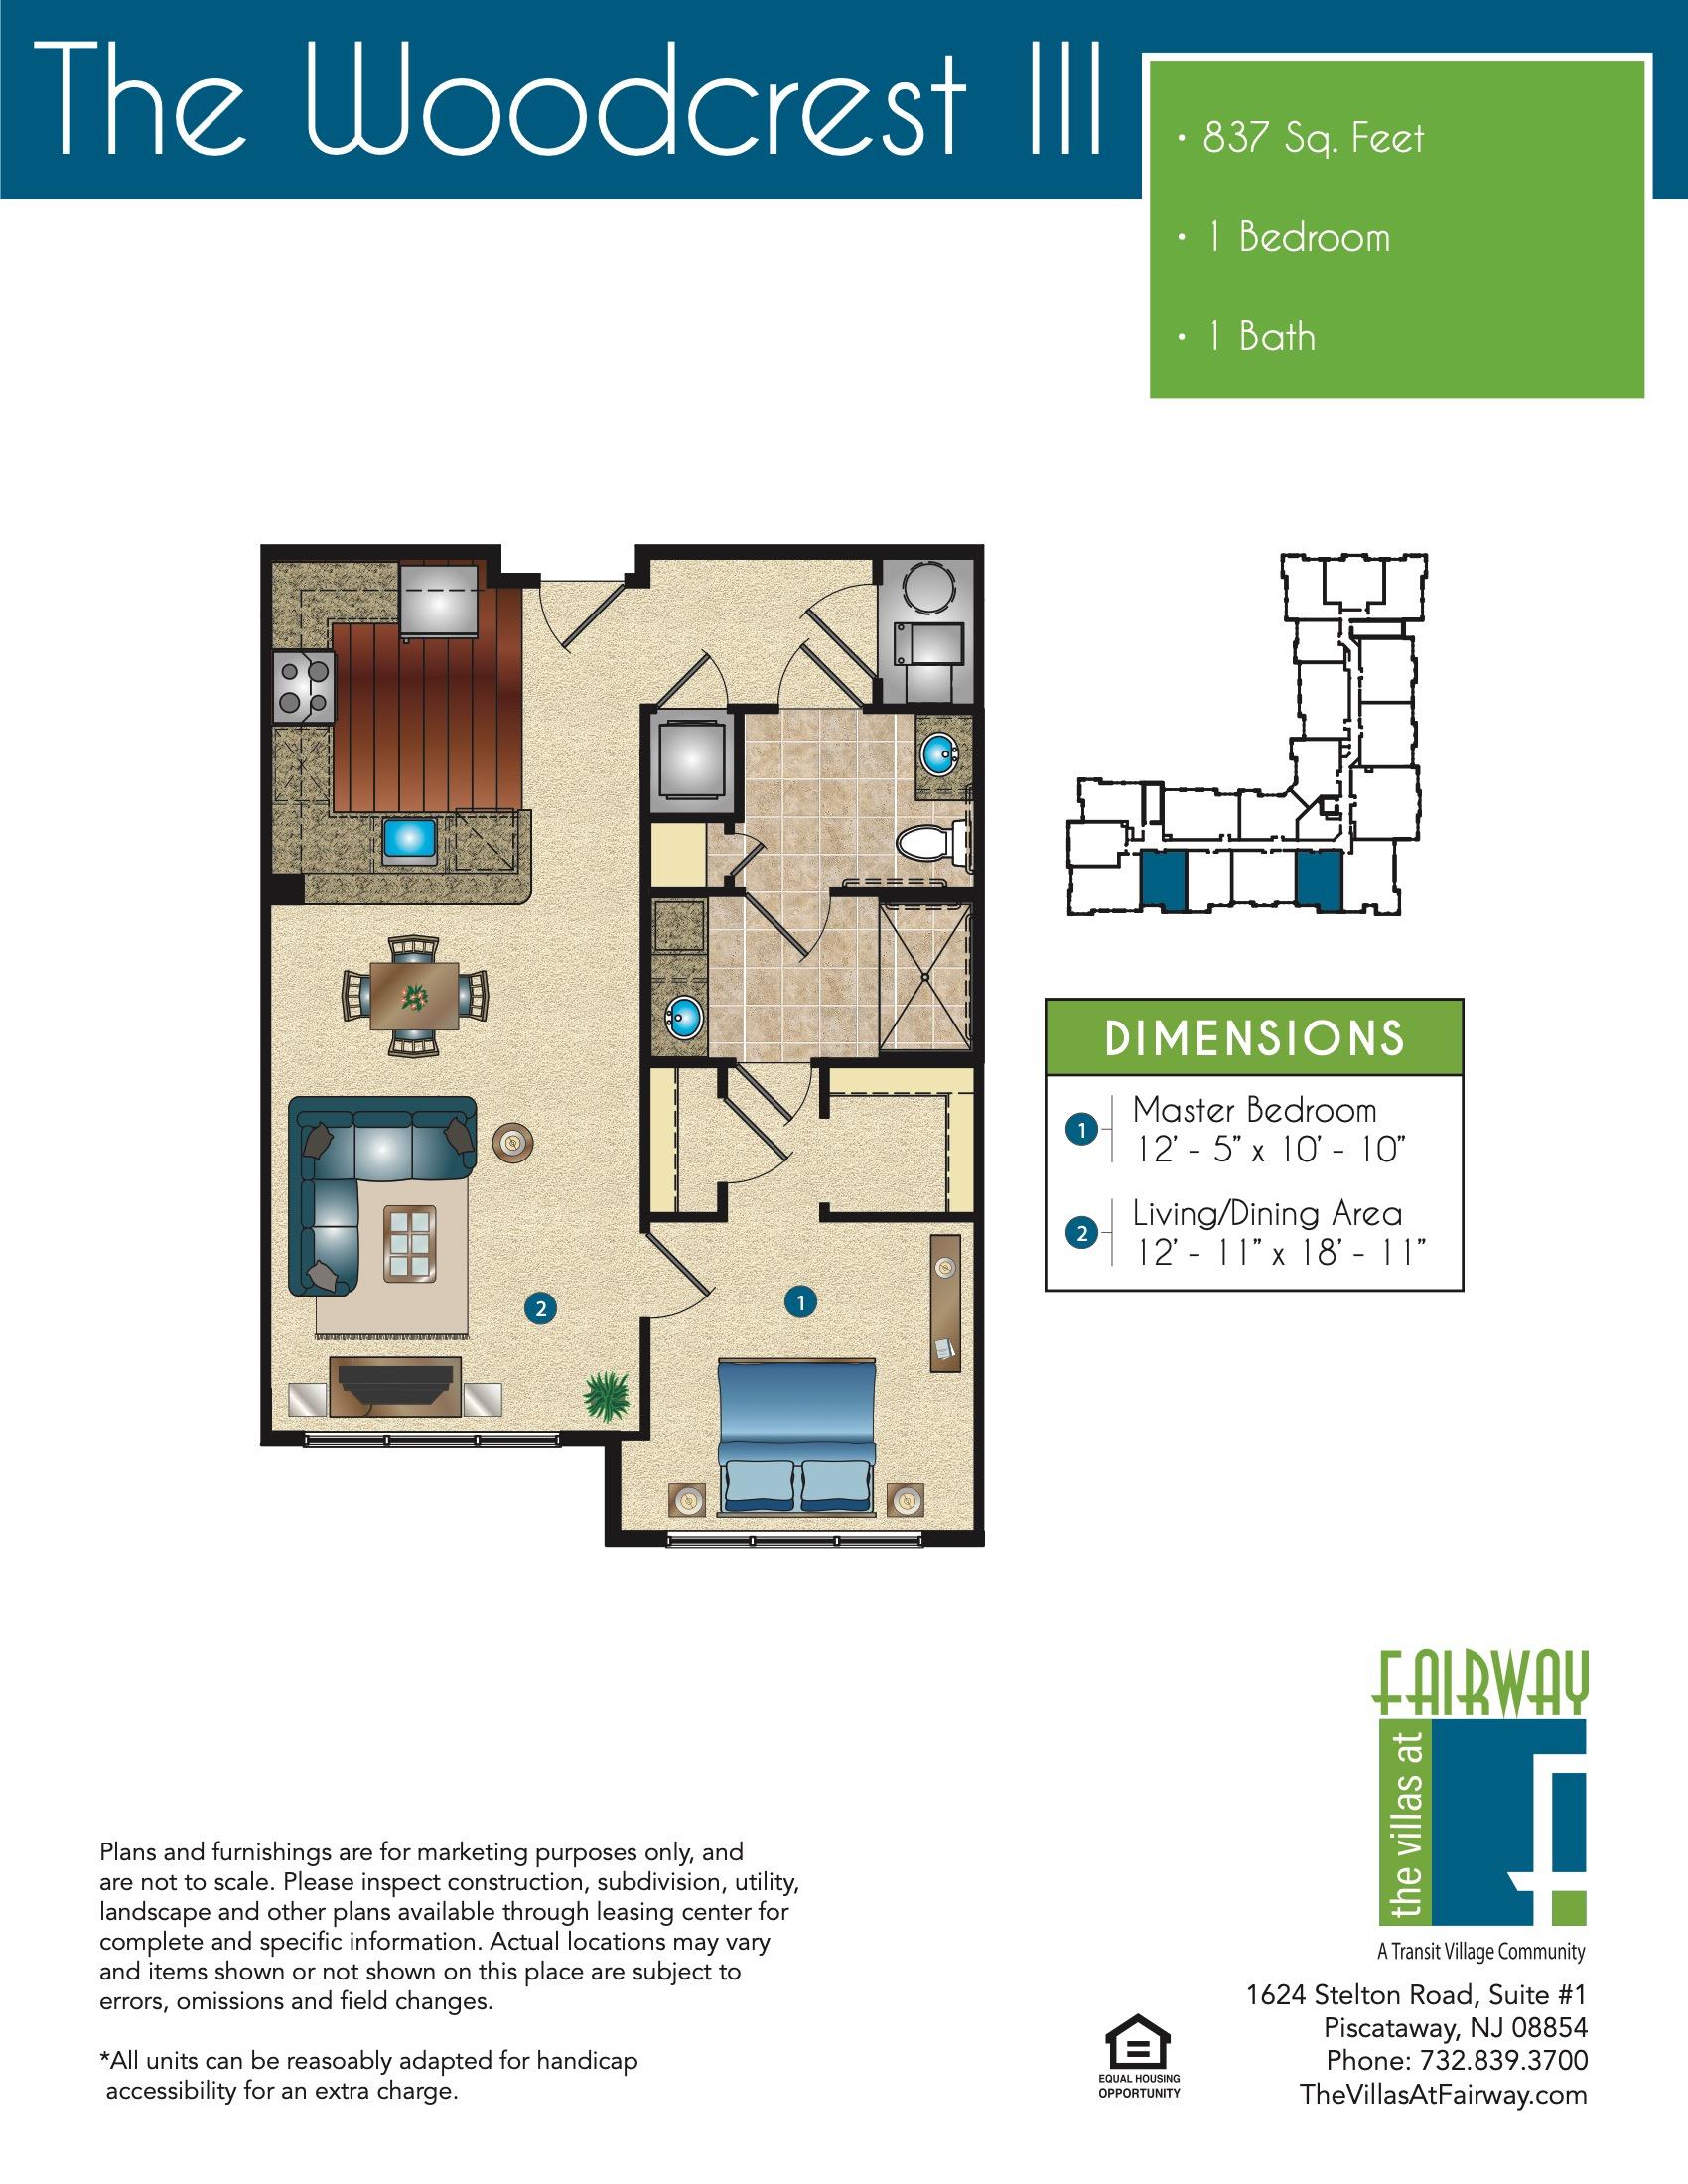 The Woodcrest III Floor Plan